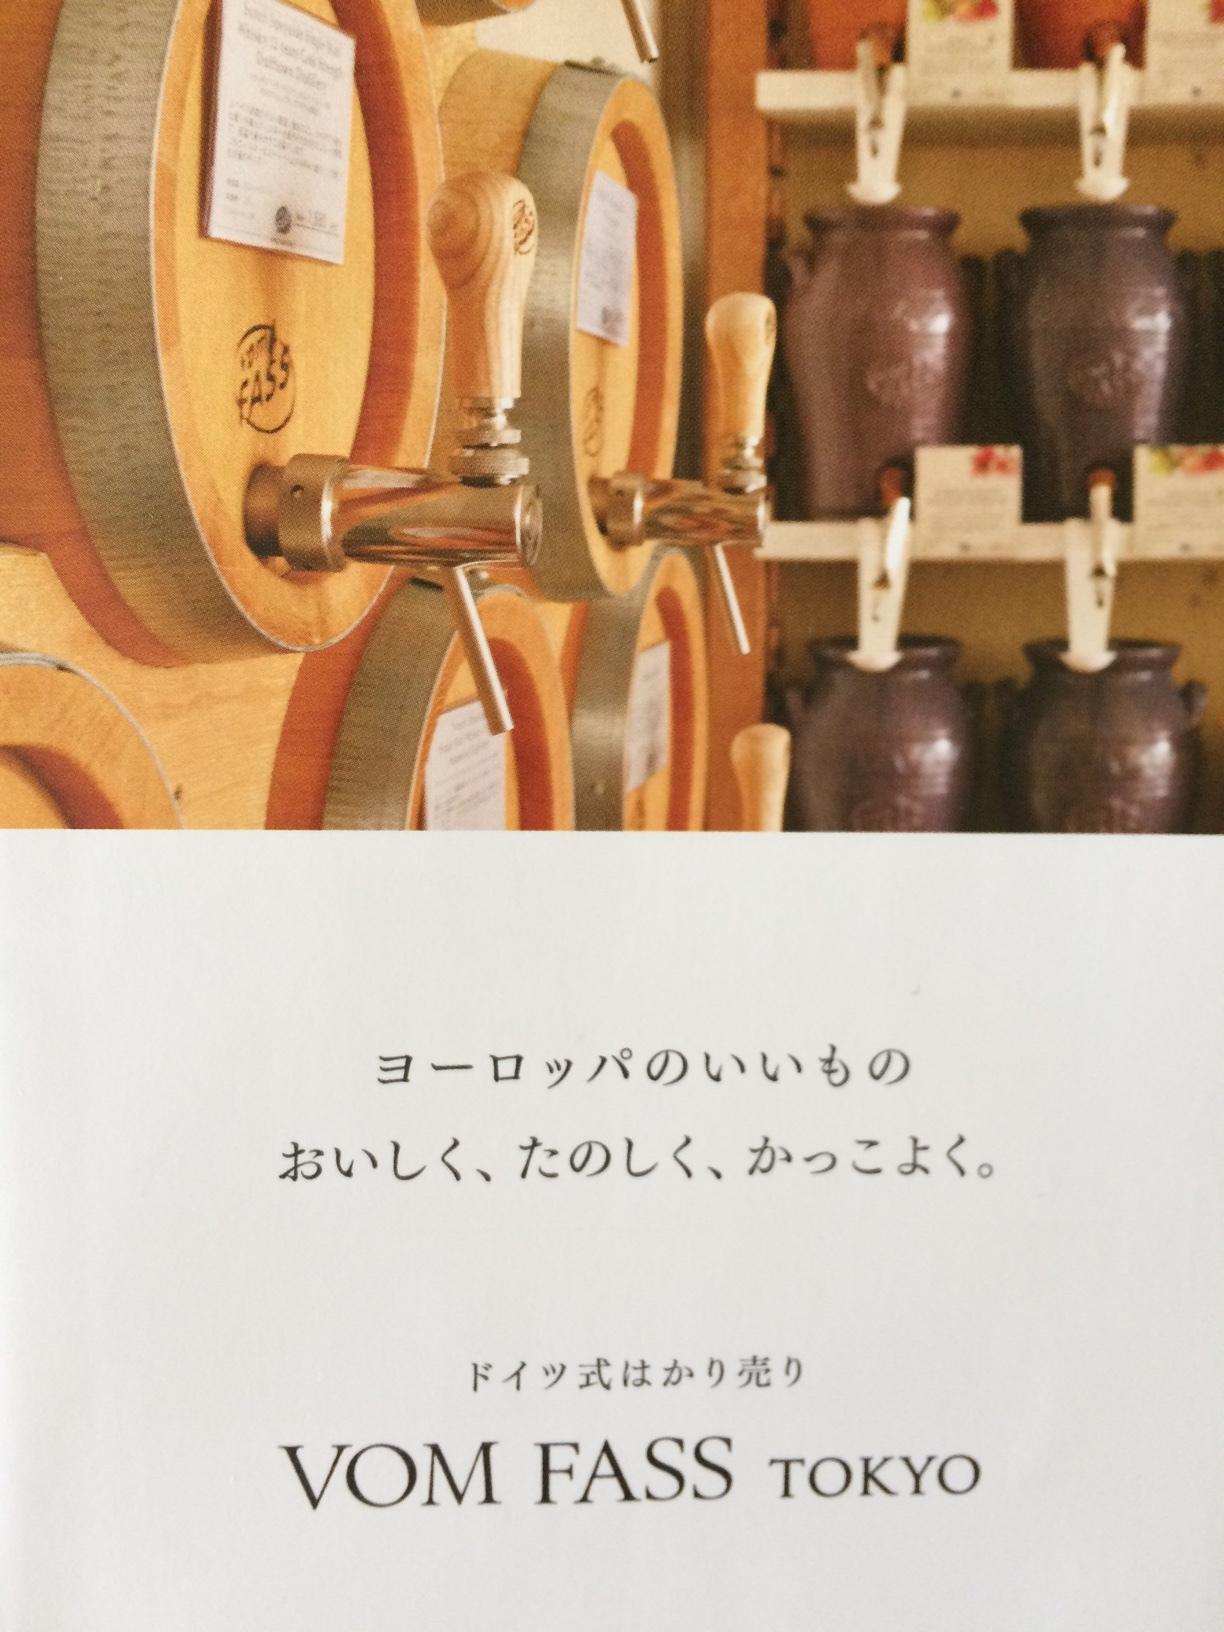 美味しいプレゼント_1_1-1